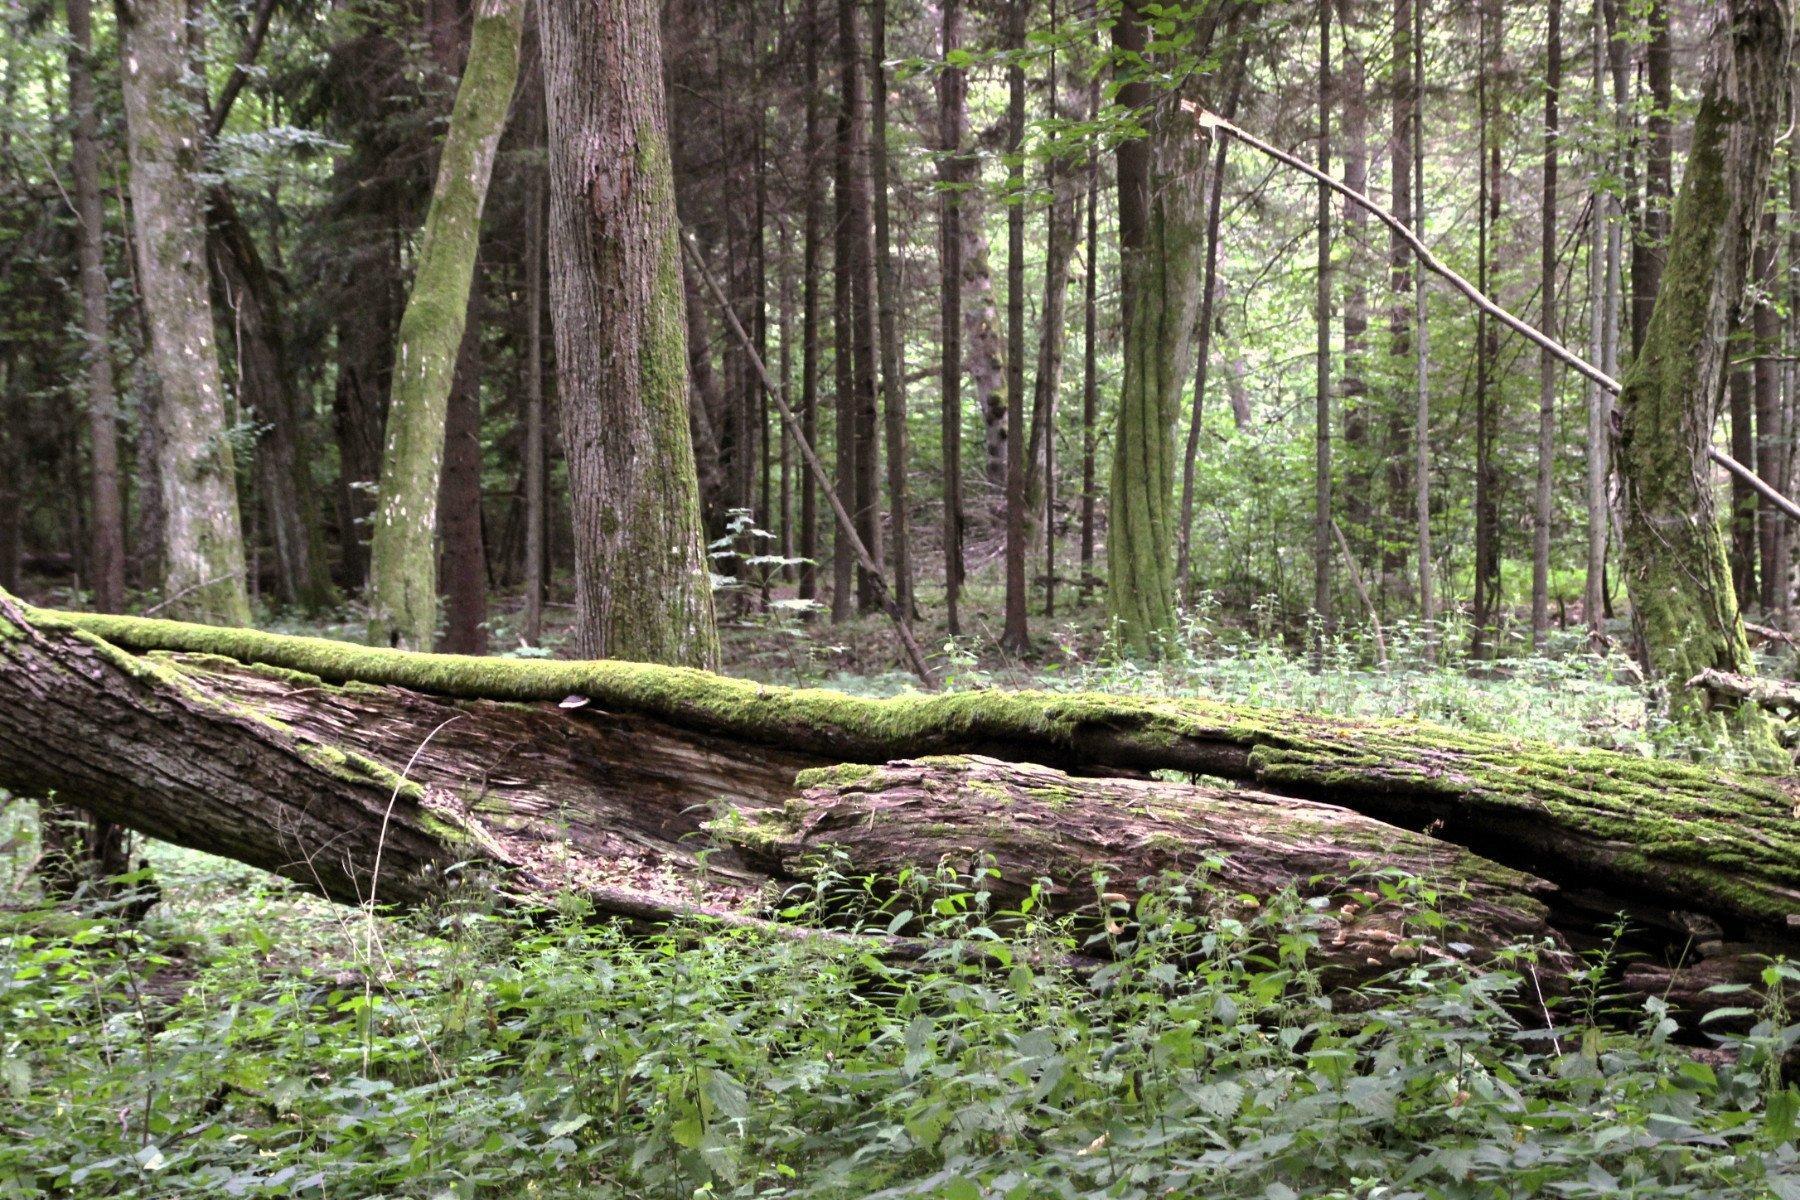 Morscher, moosbewachsener Baumstamm liegt auf dem Waldboden, Bäume im Hintergrund.